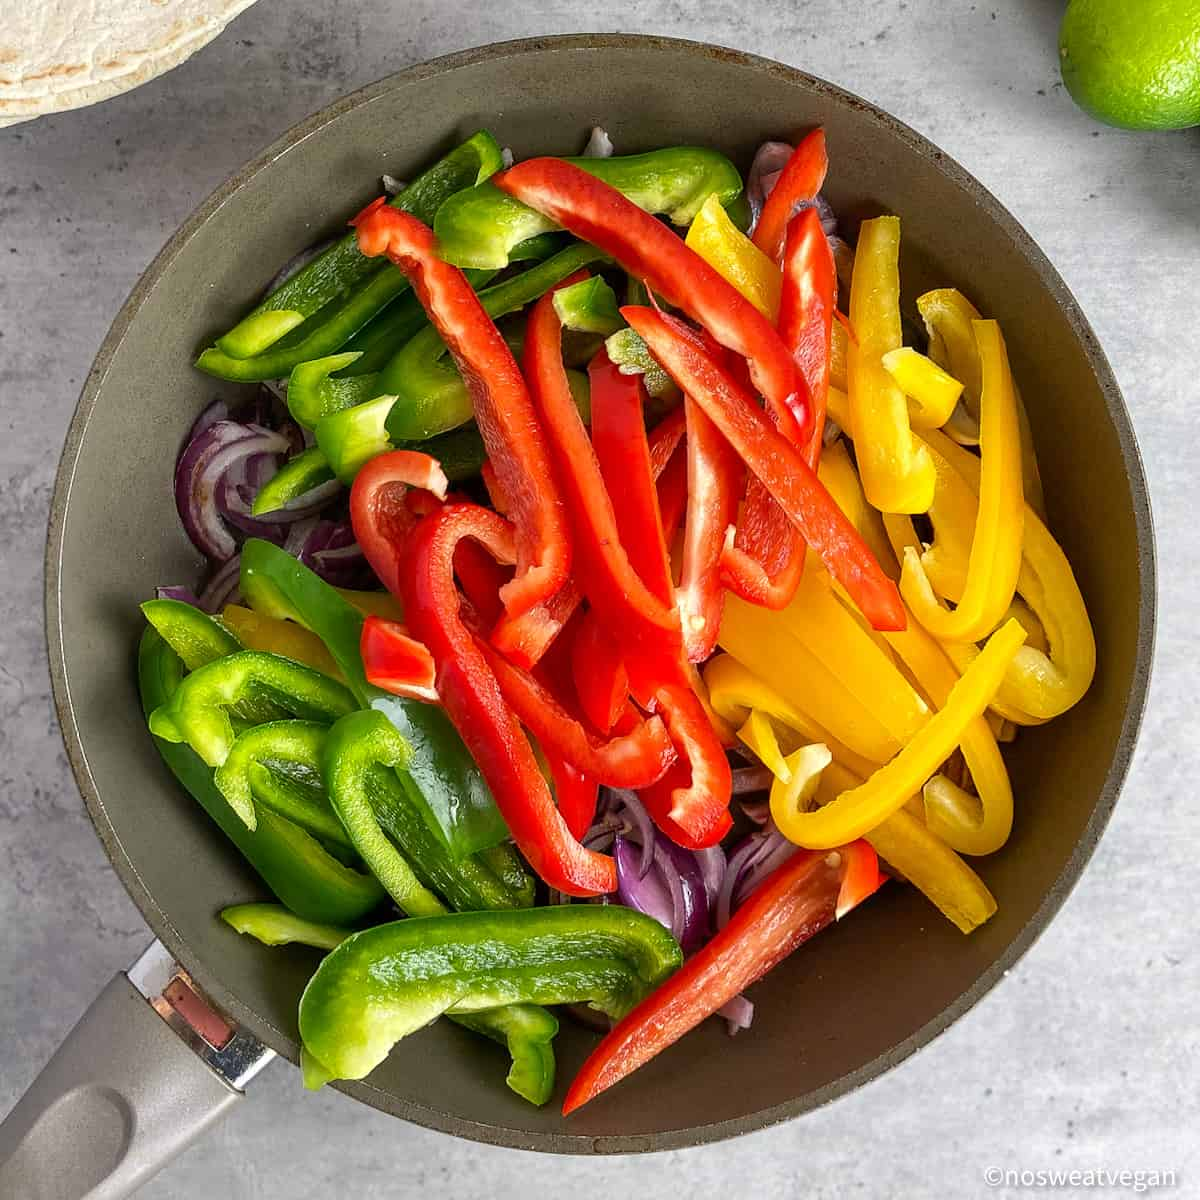 fajita veggies in skillet